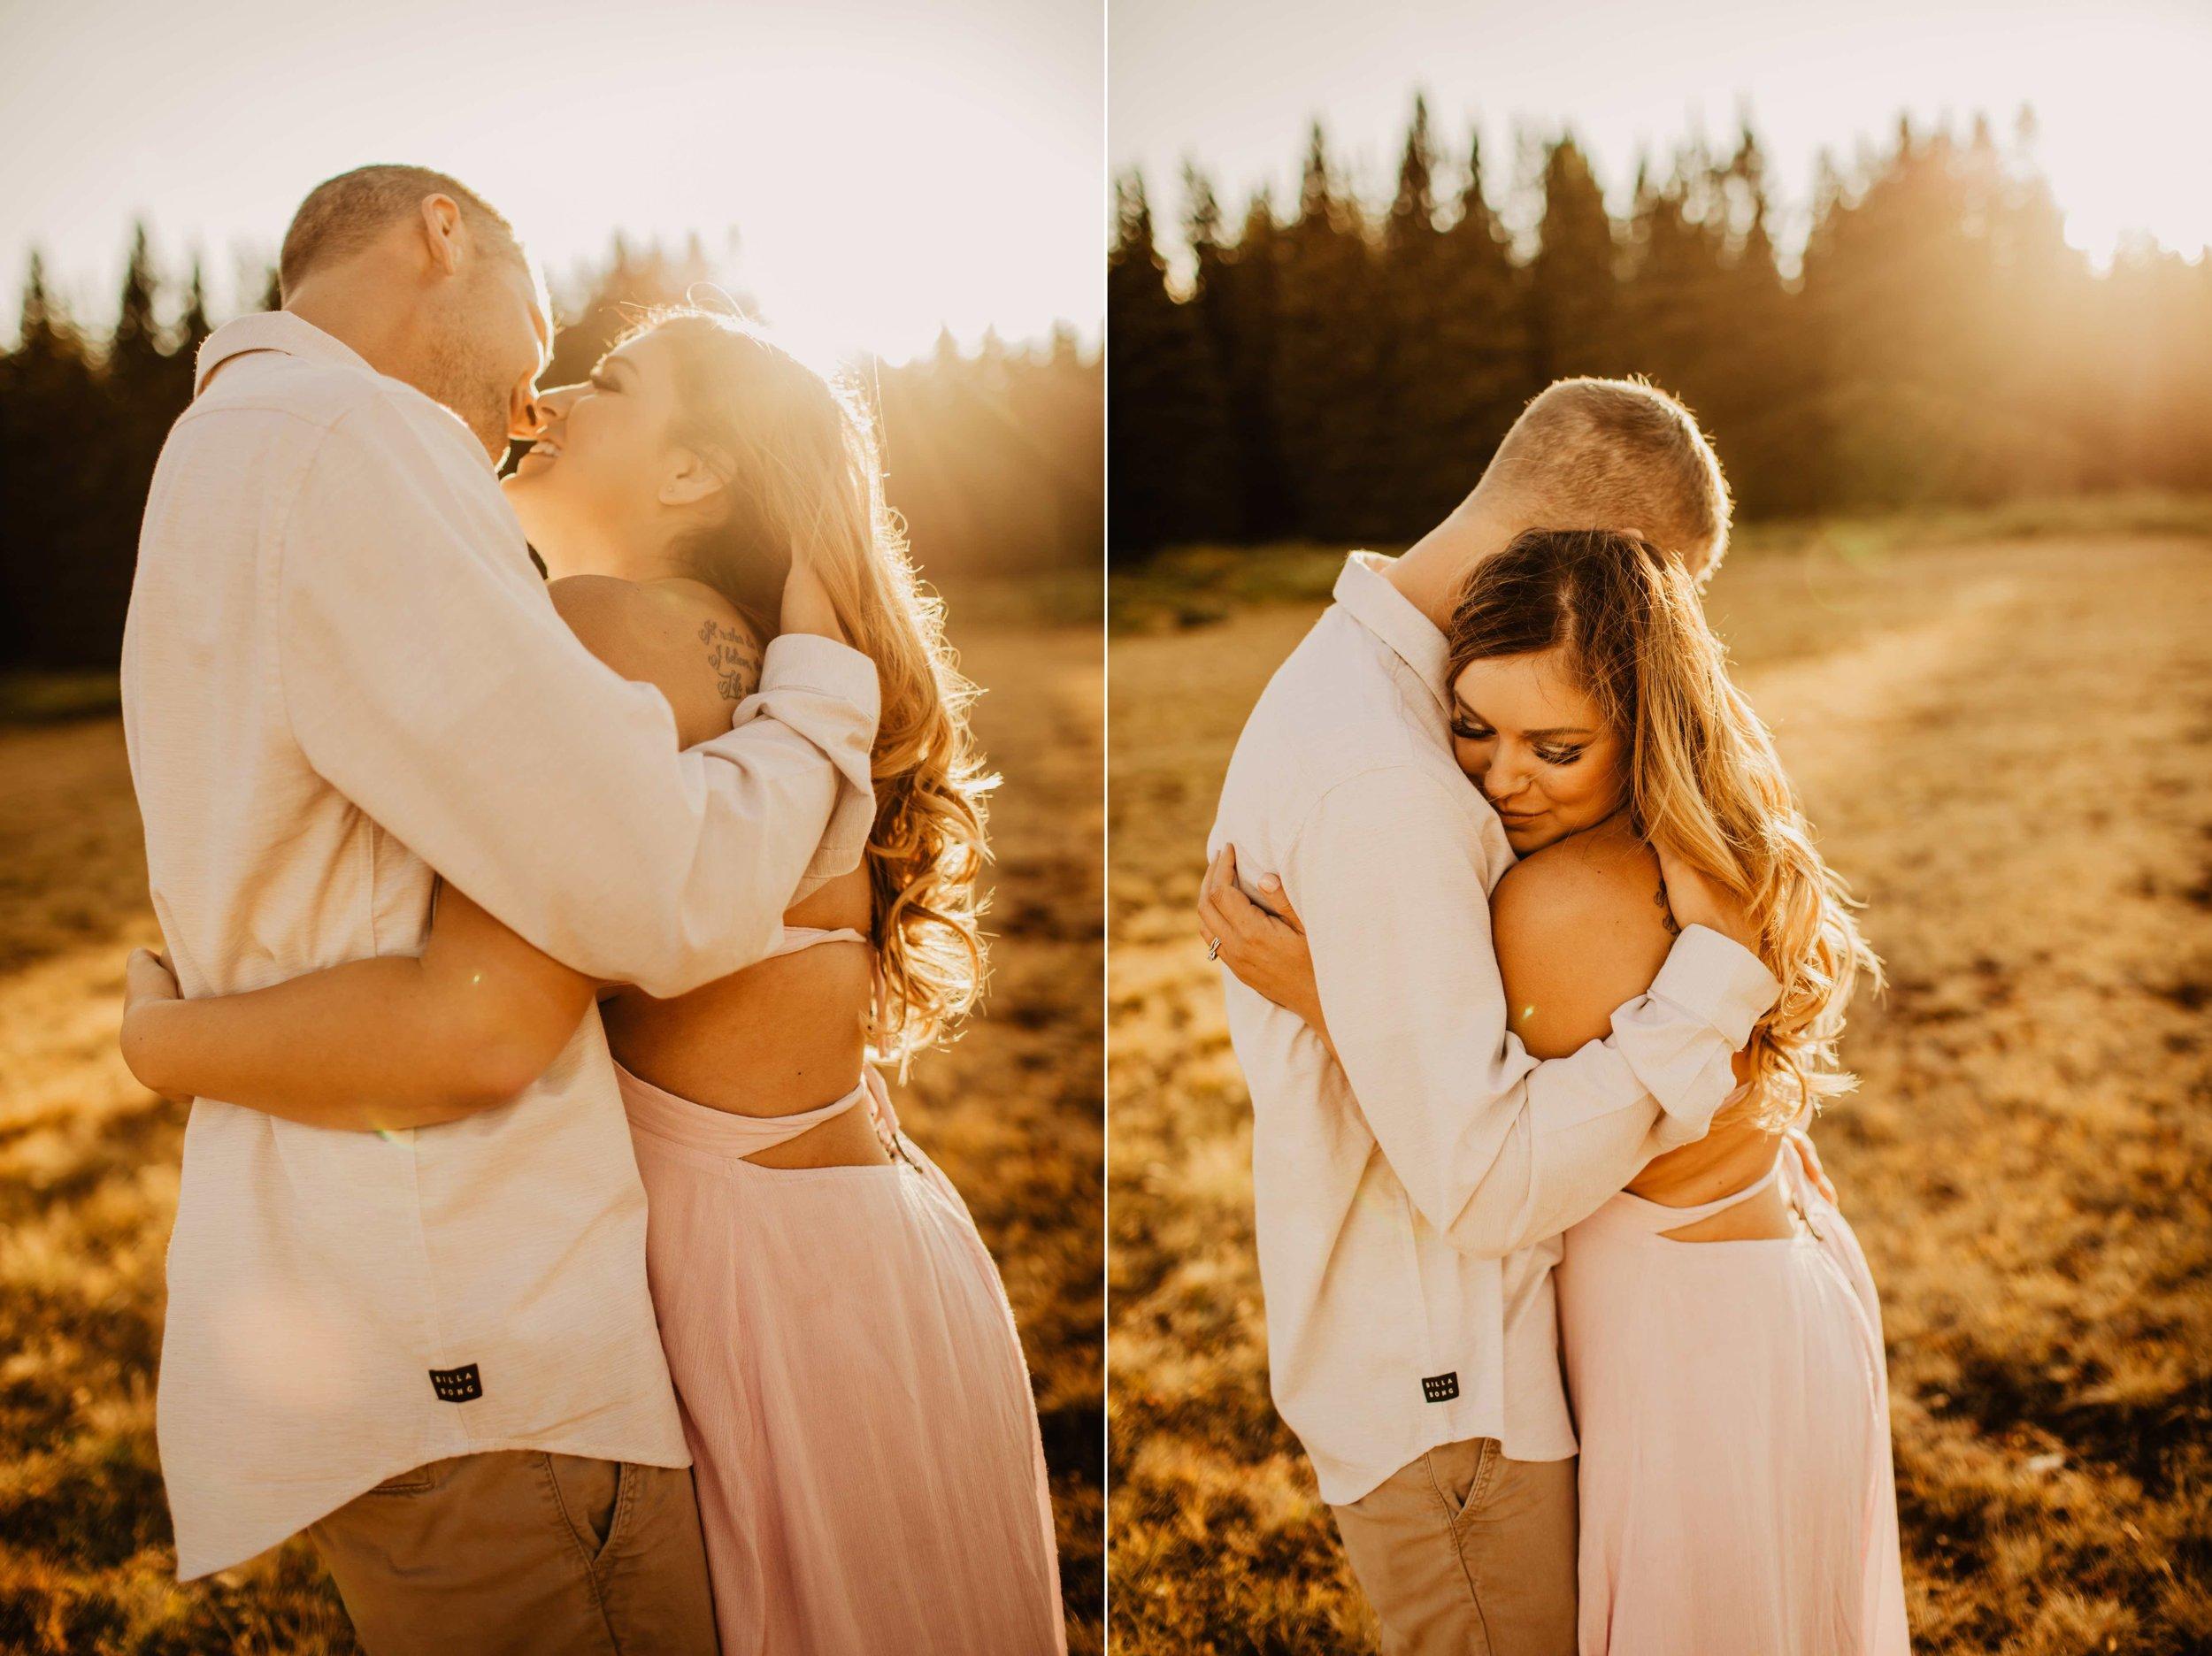 Kisa Conrad Favorites-0007-colorado-wedding-photographer-denver-springs-vail-colorado-wedding-photographer-denver-springs-vail.jpeg